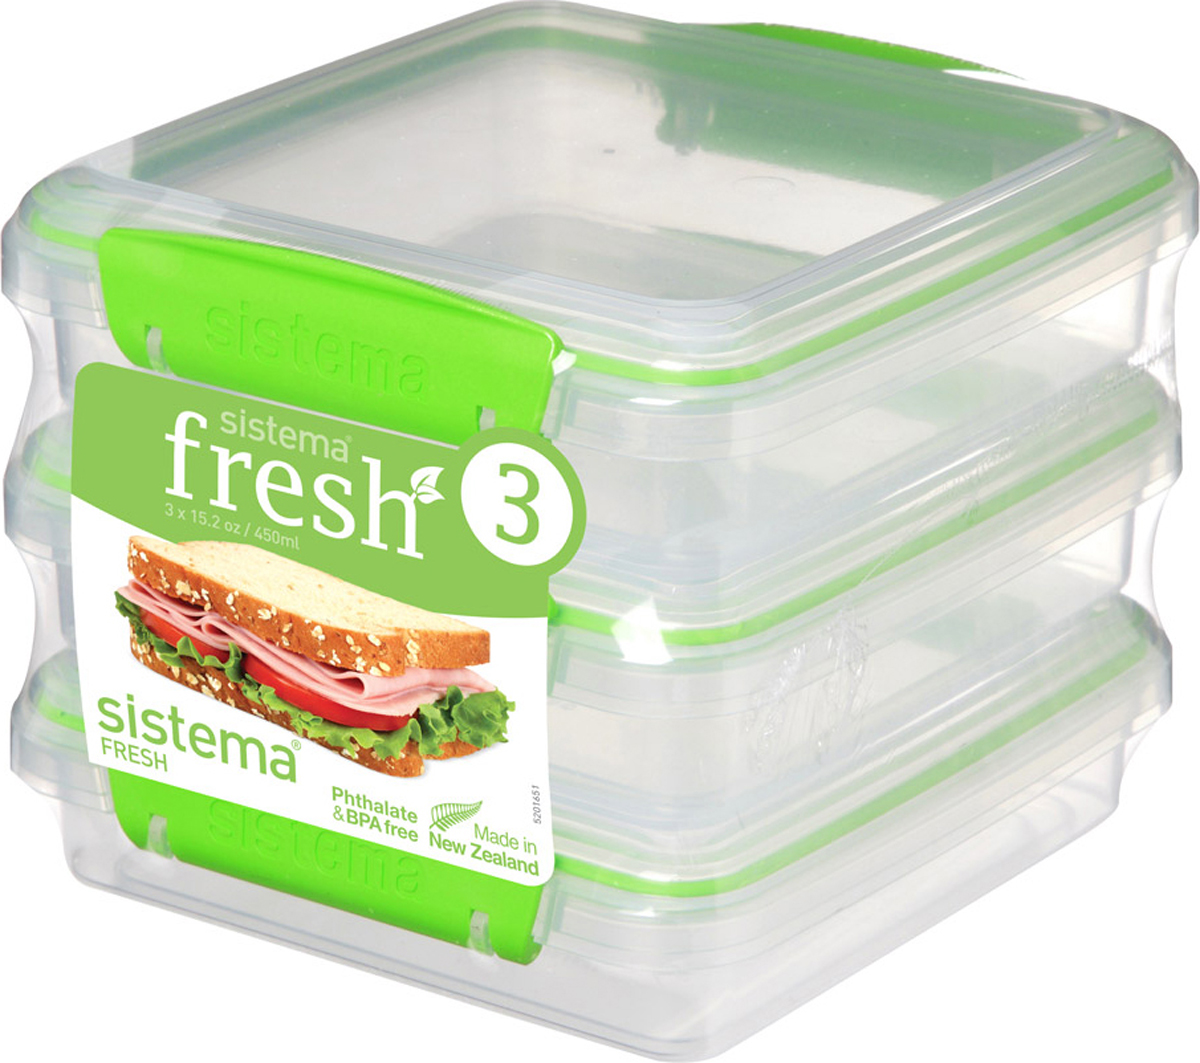 Контейнер пищевой Sistema 951643, Пластик контейнер для сэндвичей sistema цвет прозрачный фиолетовый розовый 450 мл